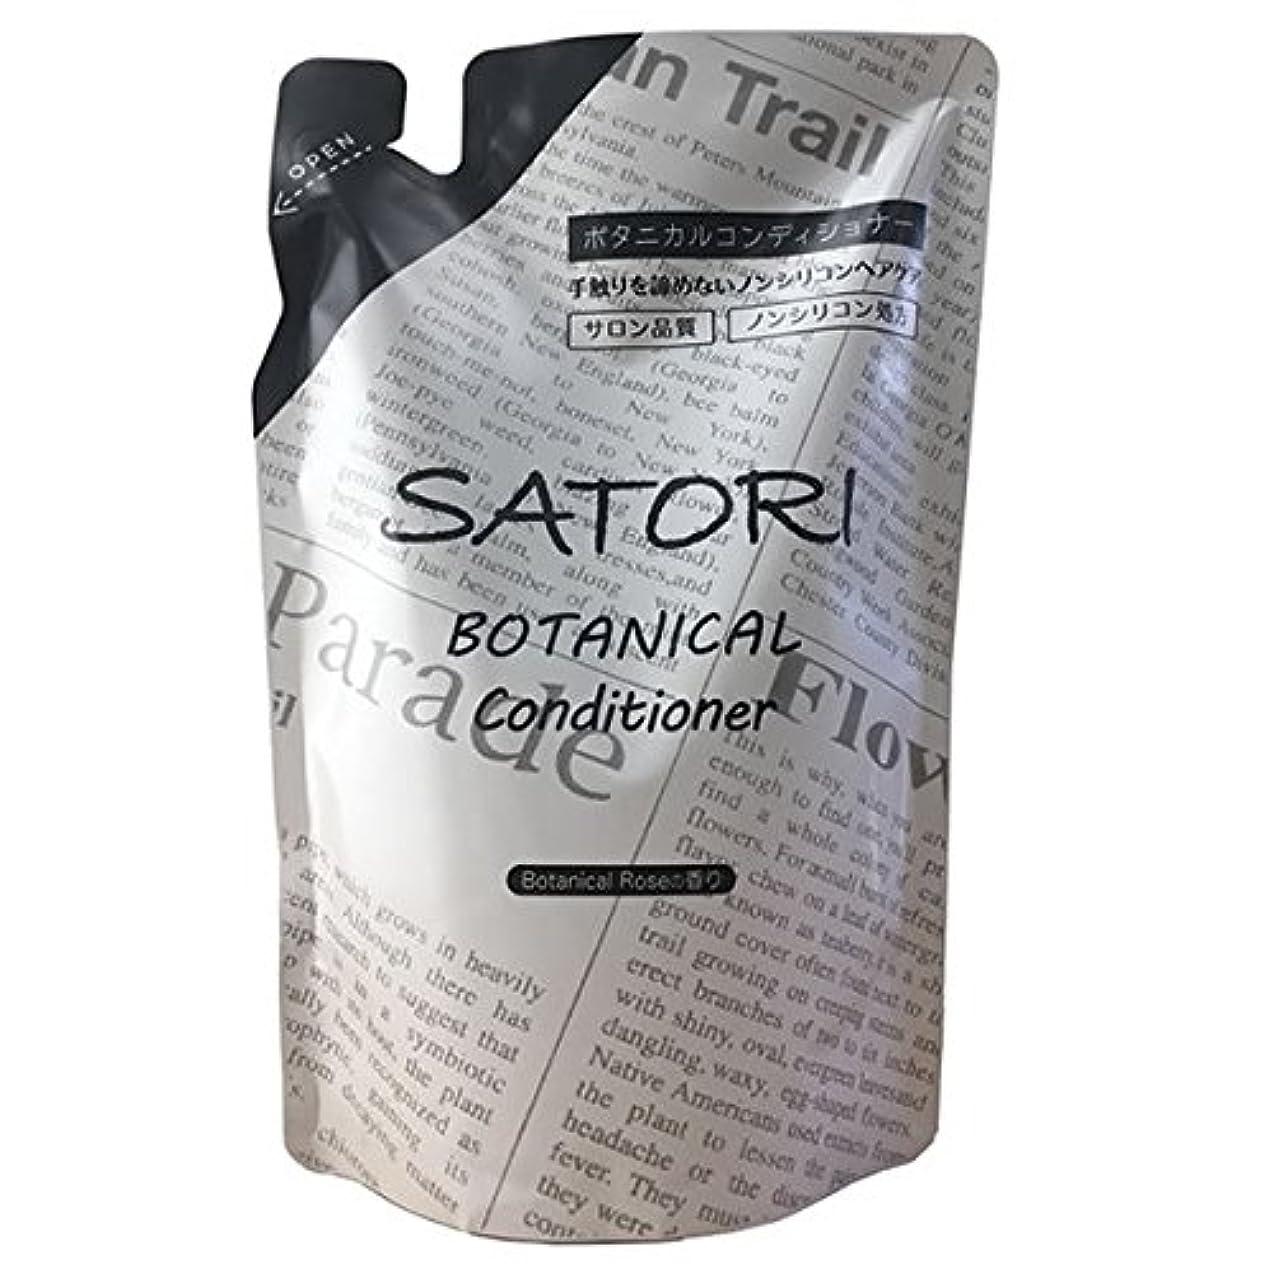 ぼんやりした肺スケッチSATORI(サトリ) ボタニカルコンディショナー レフィル 400ml